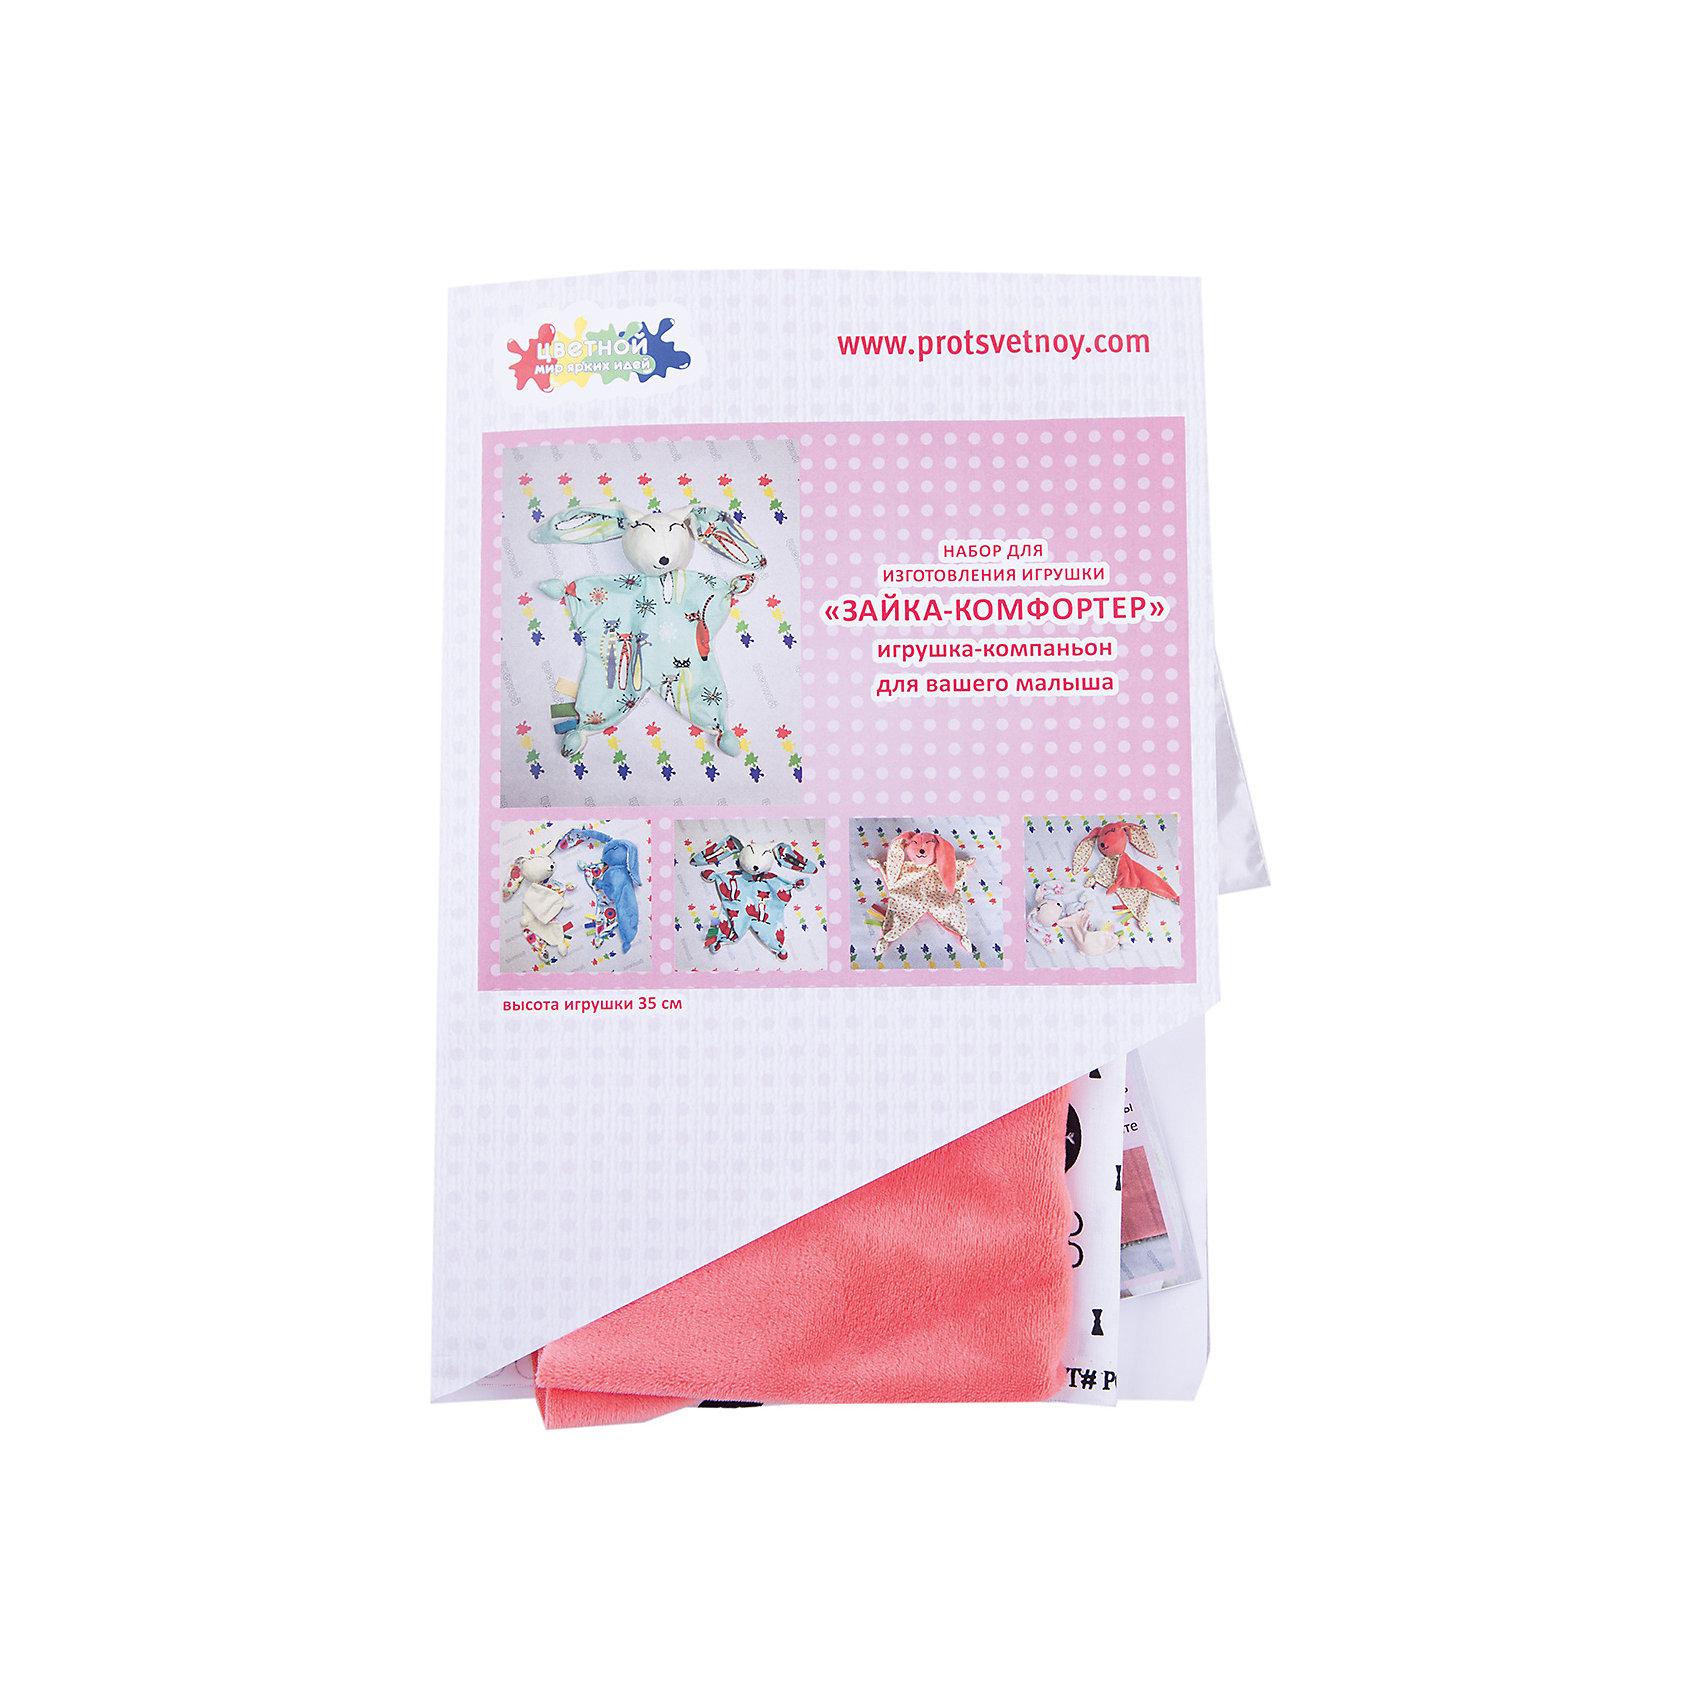 Набор Зайка-КомфортерВ набор входит выкройка, подробная инструкция, лекало, мел, булавки, нитки, наполнитель-холлафайбер, ленты и аксессуары для украшения. Игрушка выполняется из специальной несыпучей ткани для печворка. Своими руками Вы создаете дизайнерскую игрушку<br><br>Ширина мм: 250<br>Глубина мм: 20<br>Высота мм: 350<br>Вес г: 500<br>Возраст от месяцев: 120<br>Возраст до месяцев: 180<br>Пол: Унисекс<br>Возраст: Детский<br>SKU: 5350879